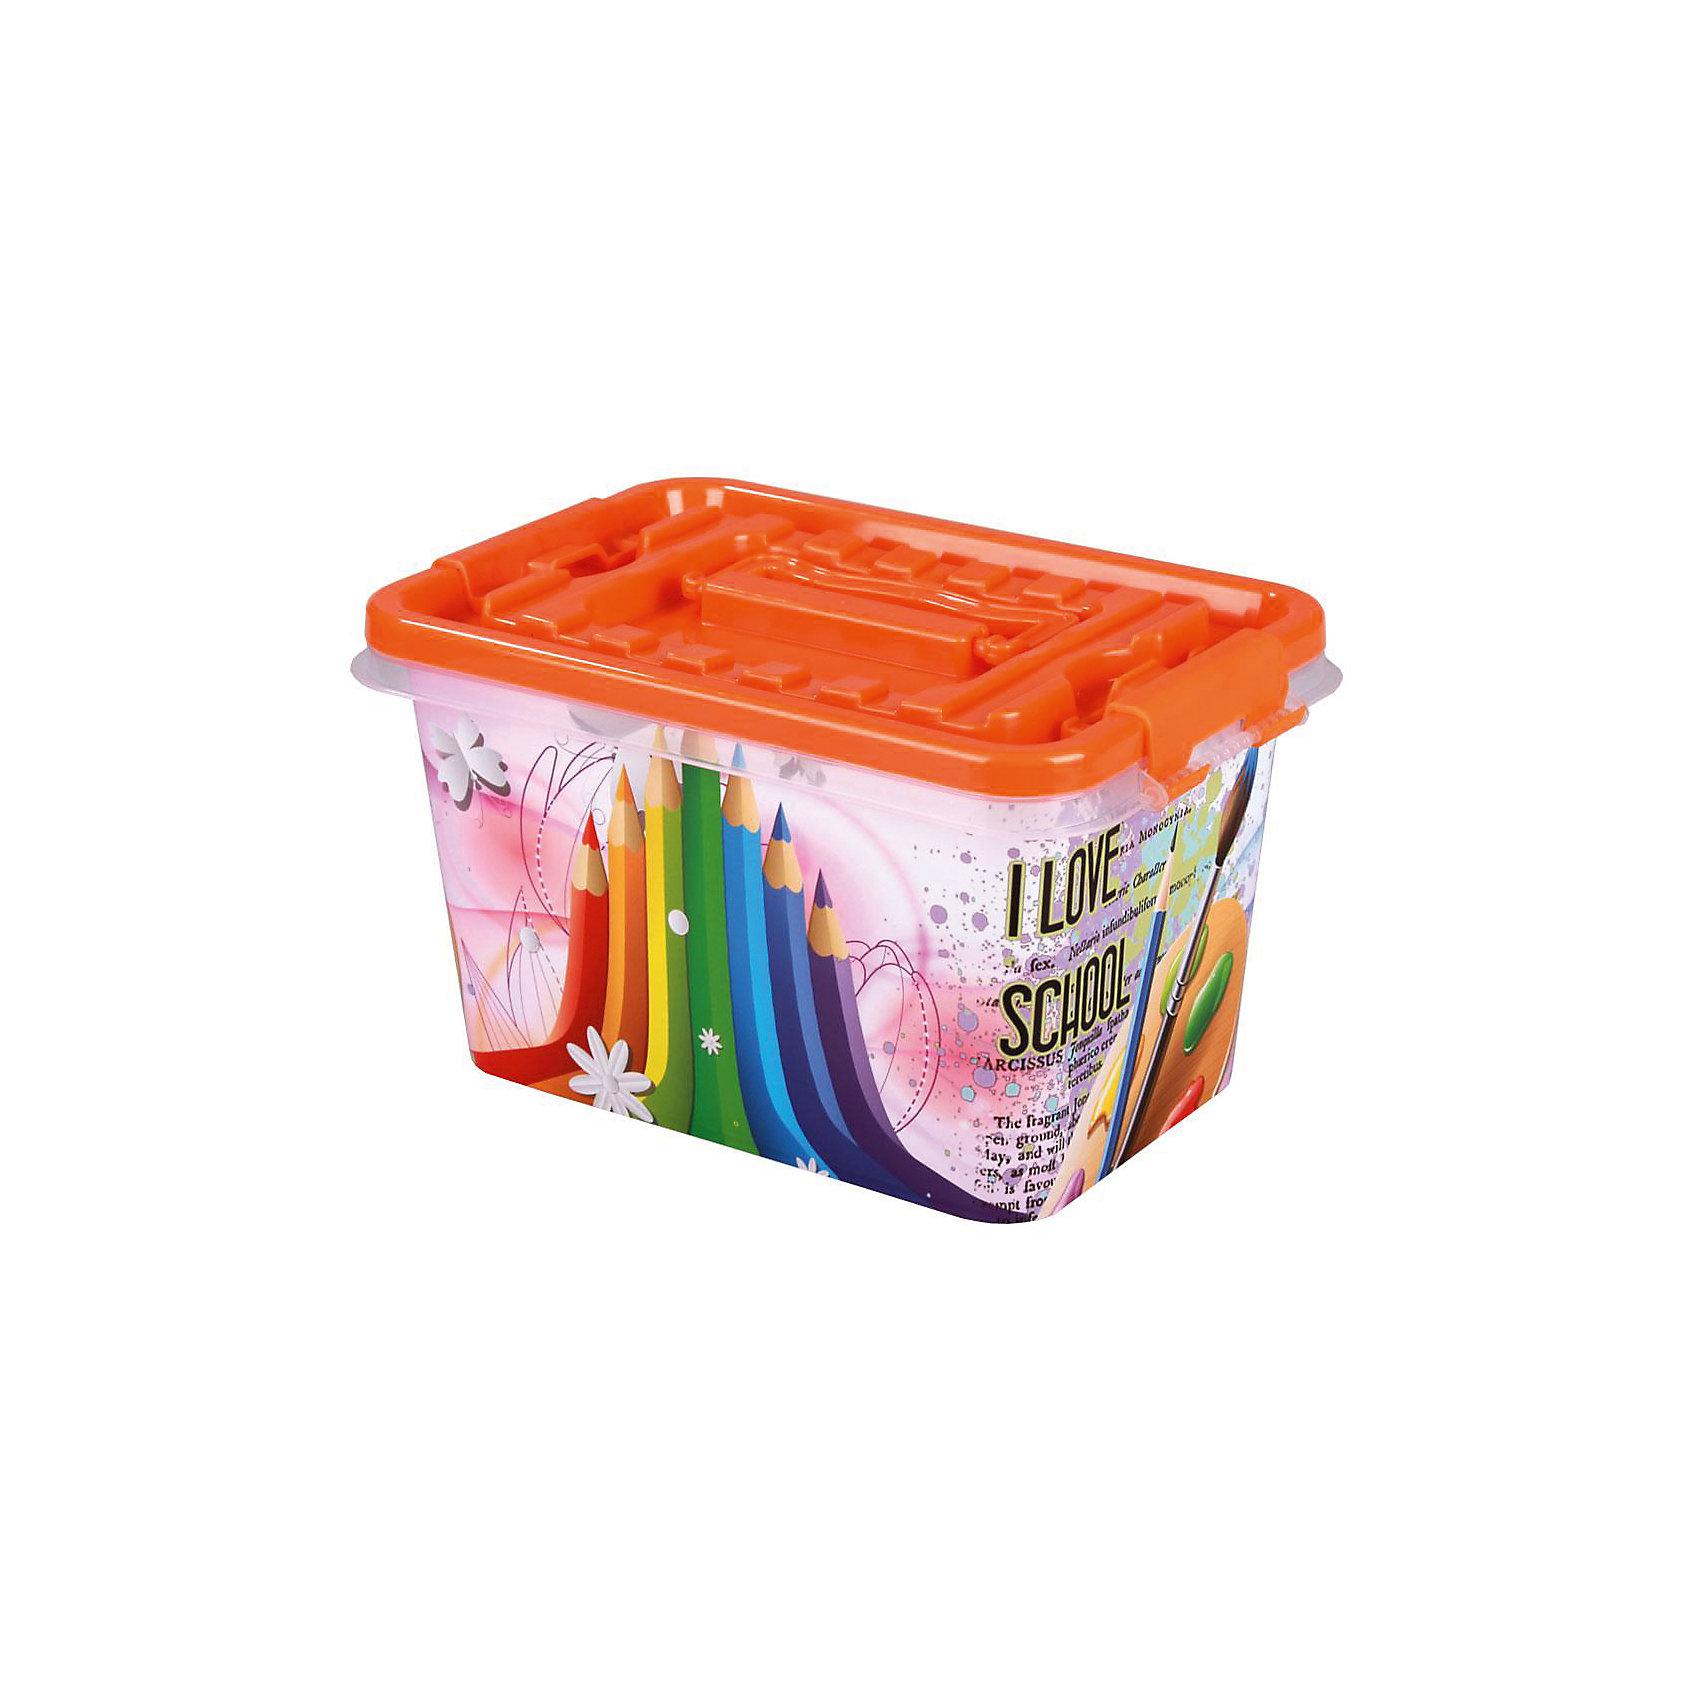 Контейнер Школьник 4л  ,  AlternativaПорядок в детской<br>Яркий контейнер Школьник по достоинству оценит каждый ребенок. Он изготовлен из пластика, очень вместительный и украшен ярким рисунком с карандашами и красками. Хранить свои школьные принадлежности в этом контейнере будет очень приятно!<br><br>Дополнительная информация:<br>Материал: пластик<br>Объем: 4л<br>Размер: 26х17х14 см<br><br>Вы можете приобрести контейнер Школьник в нашем интернет-магазине.<br><br>Ширина мм: 260<br>Глубина мм: 170<br>Высота мм: 140<br>Вес г: 275<br>Возраст от месяцев: 36<br>Возраст до месяцев: 144<br>Пол: Унисекс<br>Возраст: Детский<br>SKU: 4979726